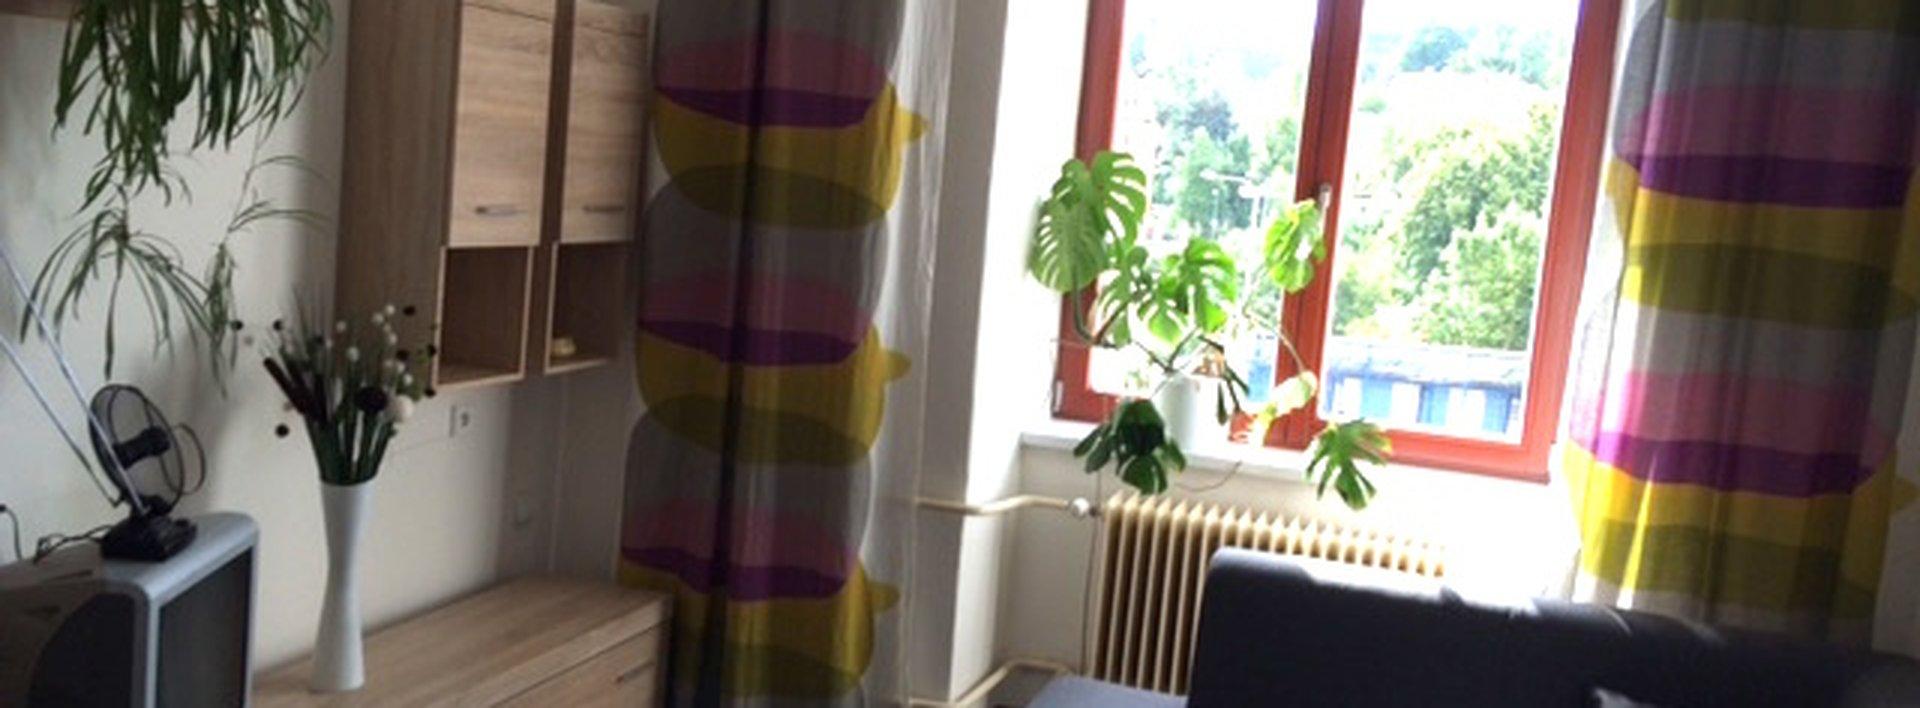 Pronájem zařízeného bytu 1+1 s šatnou v Jablonci, ul. Podhorská, Ev.č.: N48782